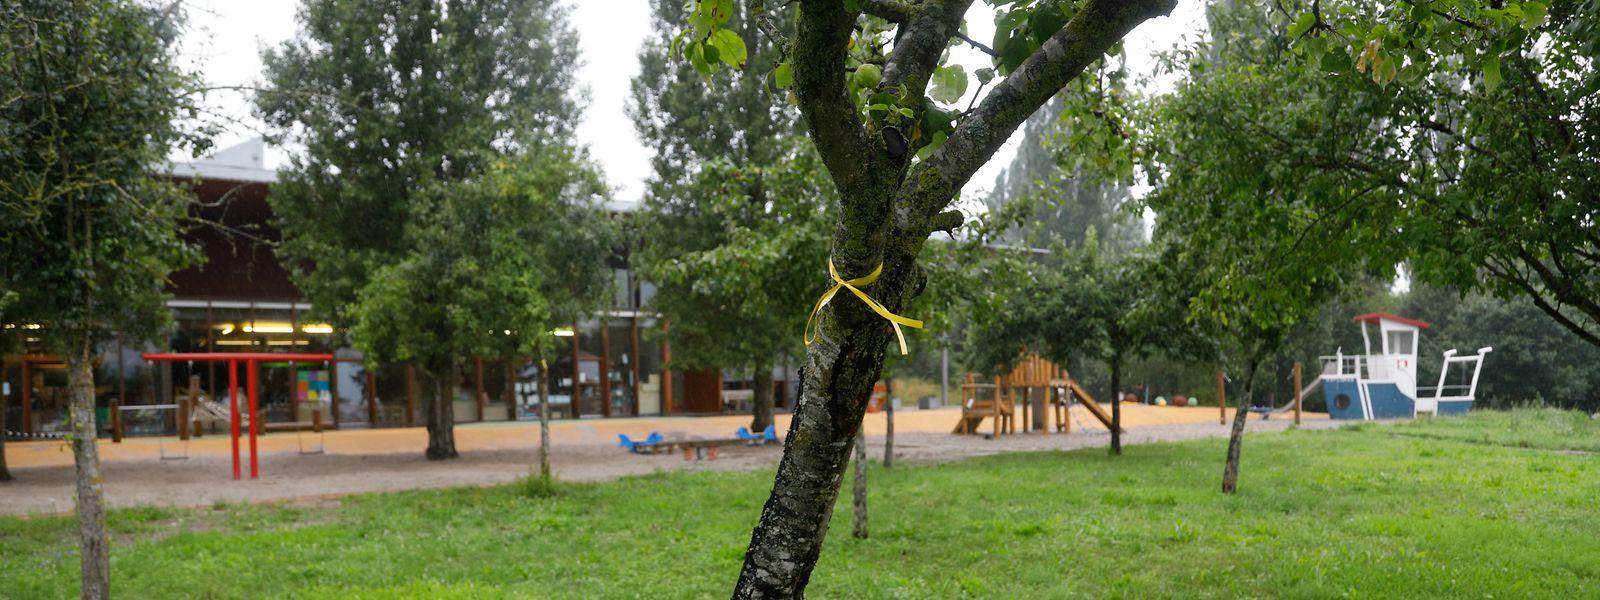 Damit Bürger besser erkennen, an welchen öffentlichen Plätzen der Mundraub erlaubt ist, markiert die Gemeinde Schengen Bäume und Sträucher mit einem gelben Bändchen.